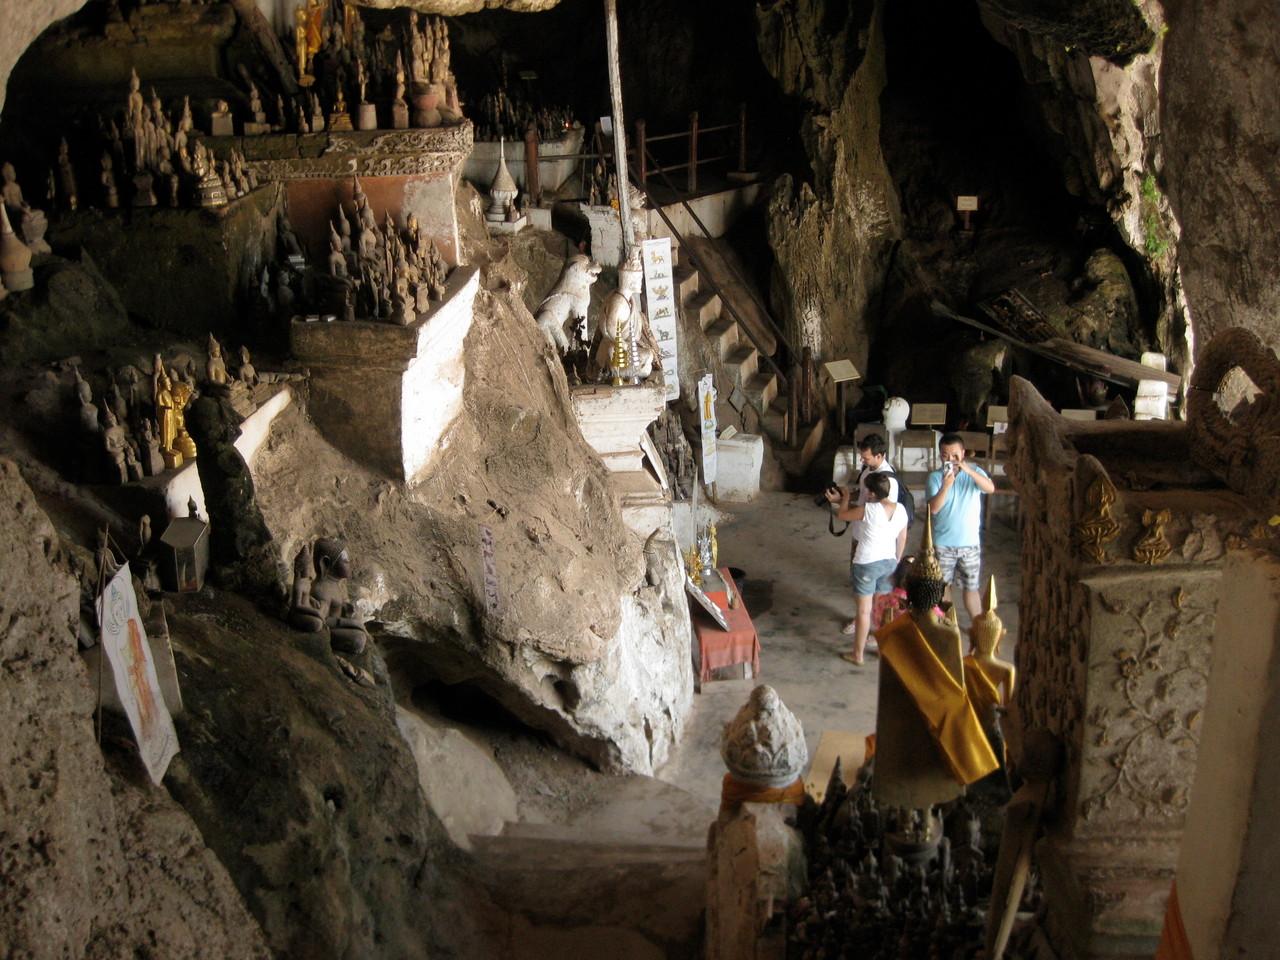 パクウー洞窟。4000体の仏像が置かれている。